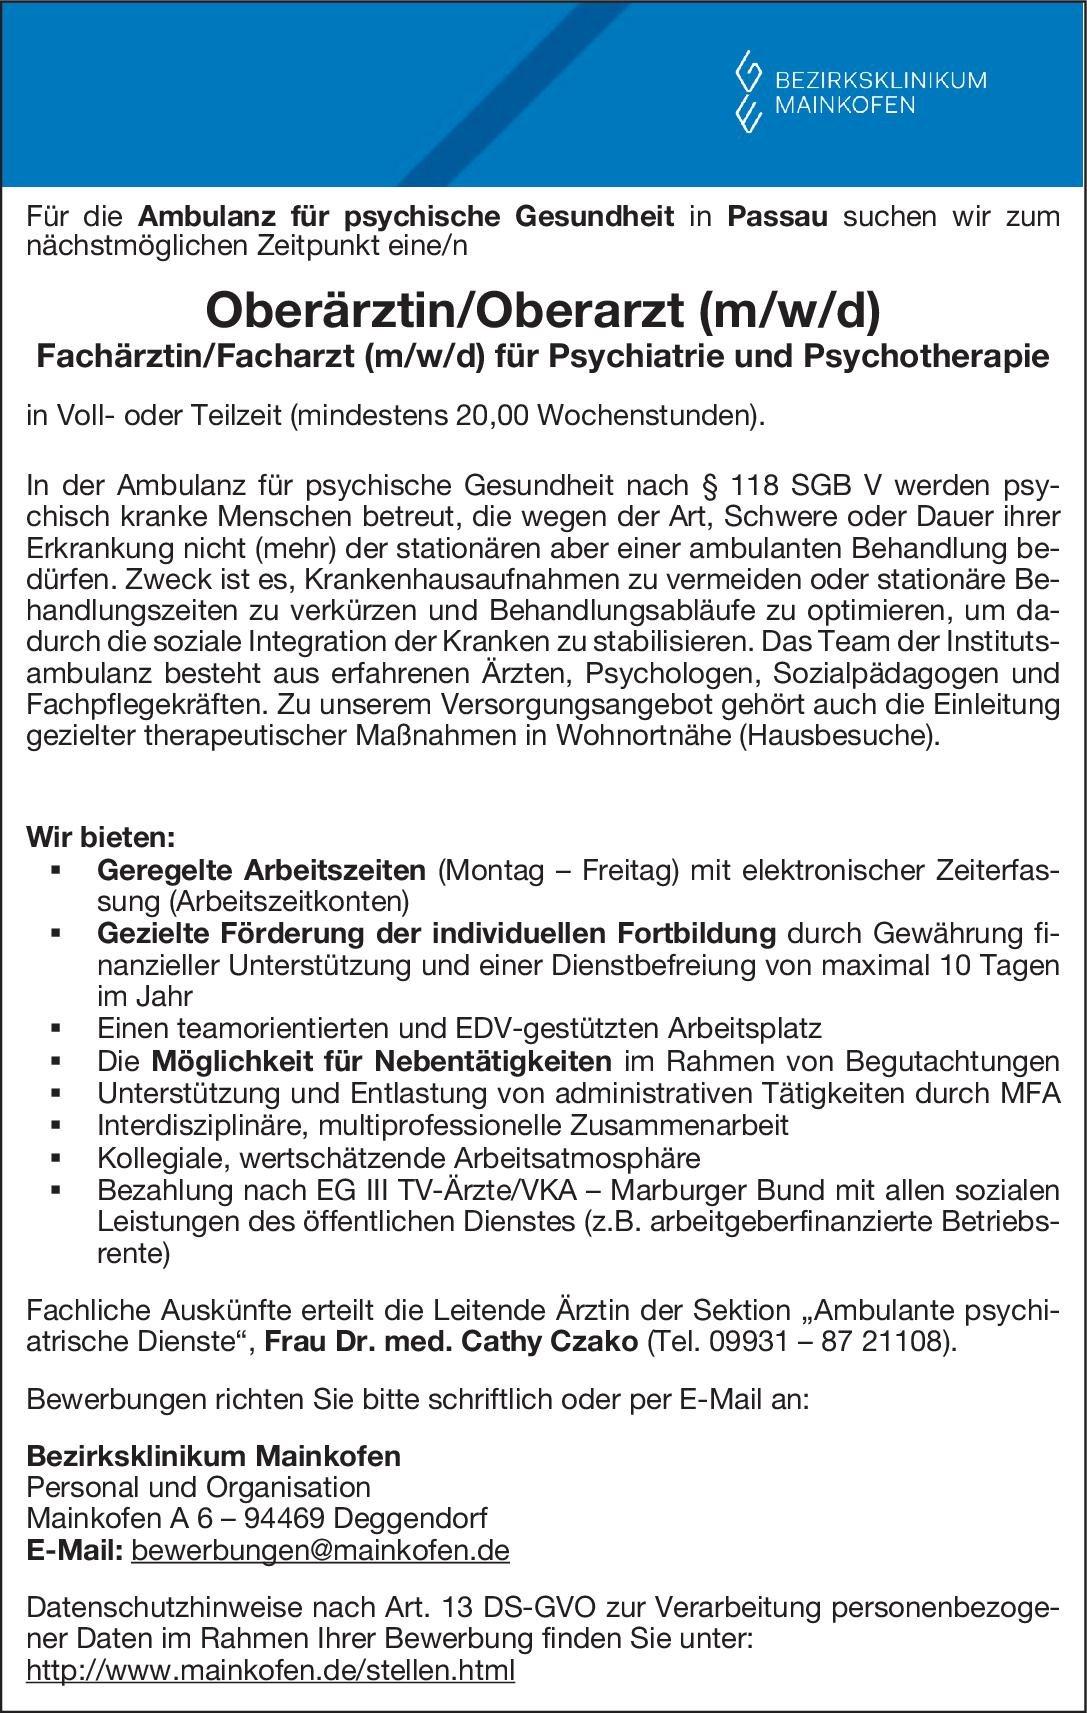 Bezirksklinikum Mainkofen - Ambulanz für psychische Gesundheit Oberärztin/Oberarzt (m/w/d) - Fachärztin/Facharzt (m/w/d) für Psychiatrie und Psychotherapie  Psychiatrie und Psychotherapie, Psychiatrie und Psychotherapie Oberarzt